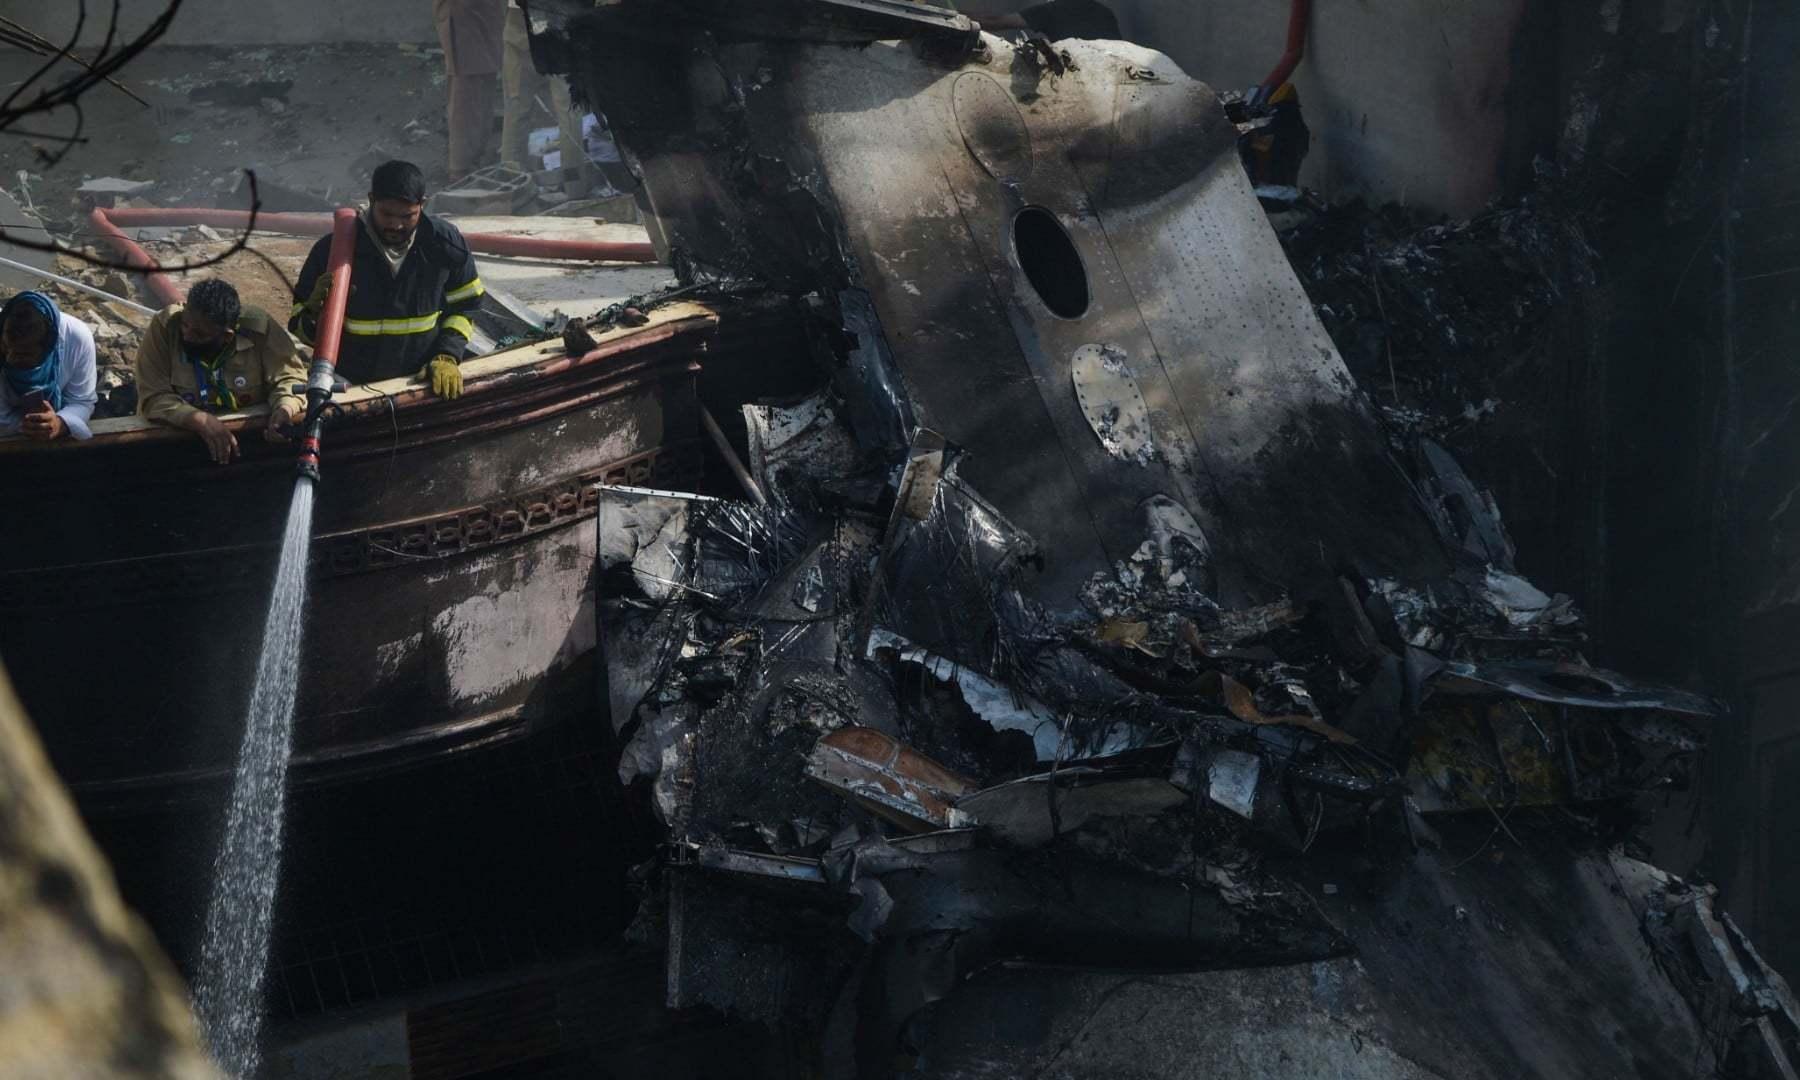 طیارہ حادثہ میں جاں بحق افراد کے لواحقین نے اے اے آئی بی کی ابتدائی رپورٹ مسترد کردی